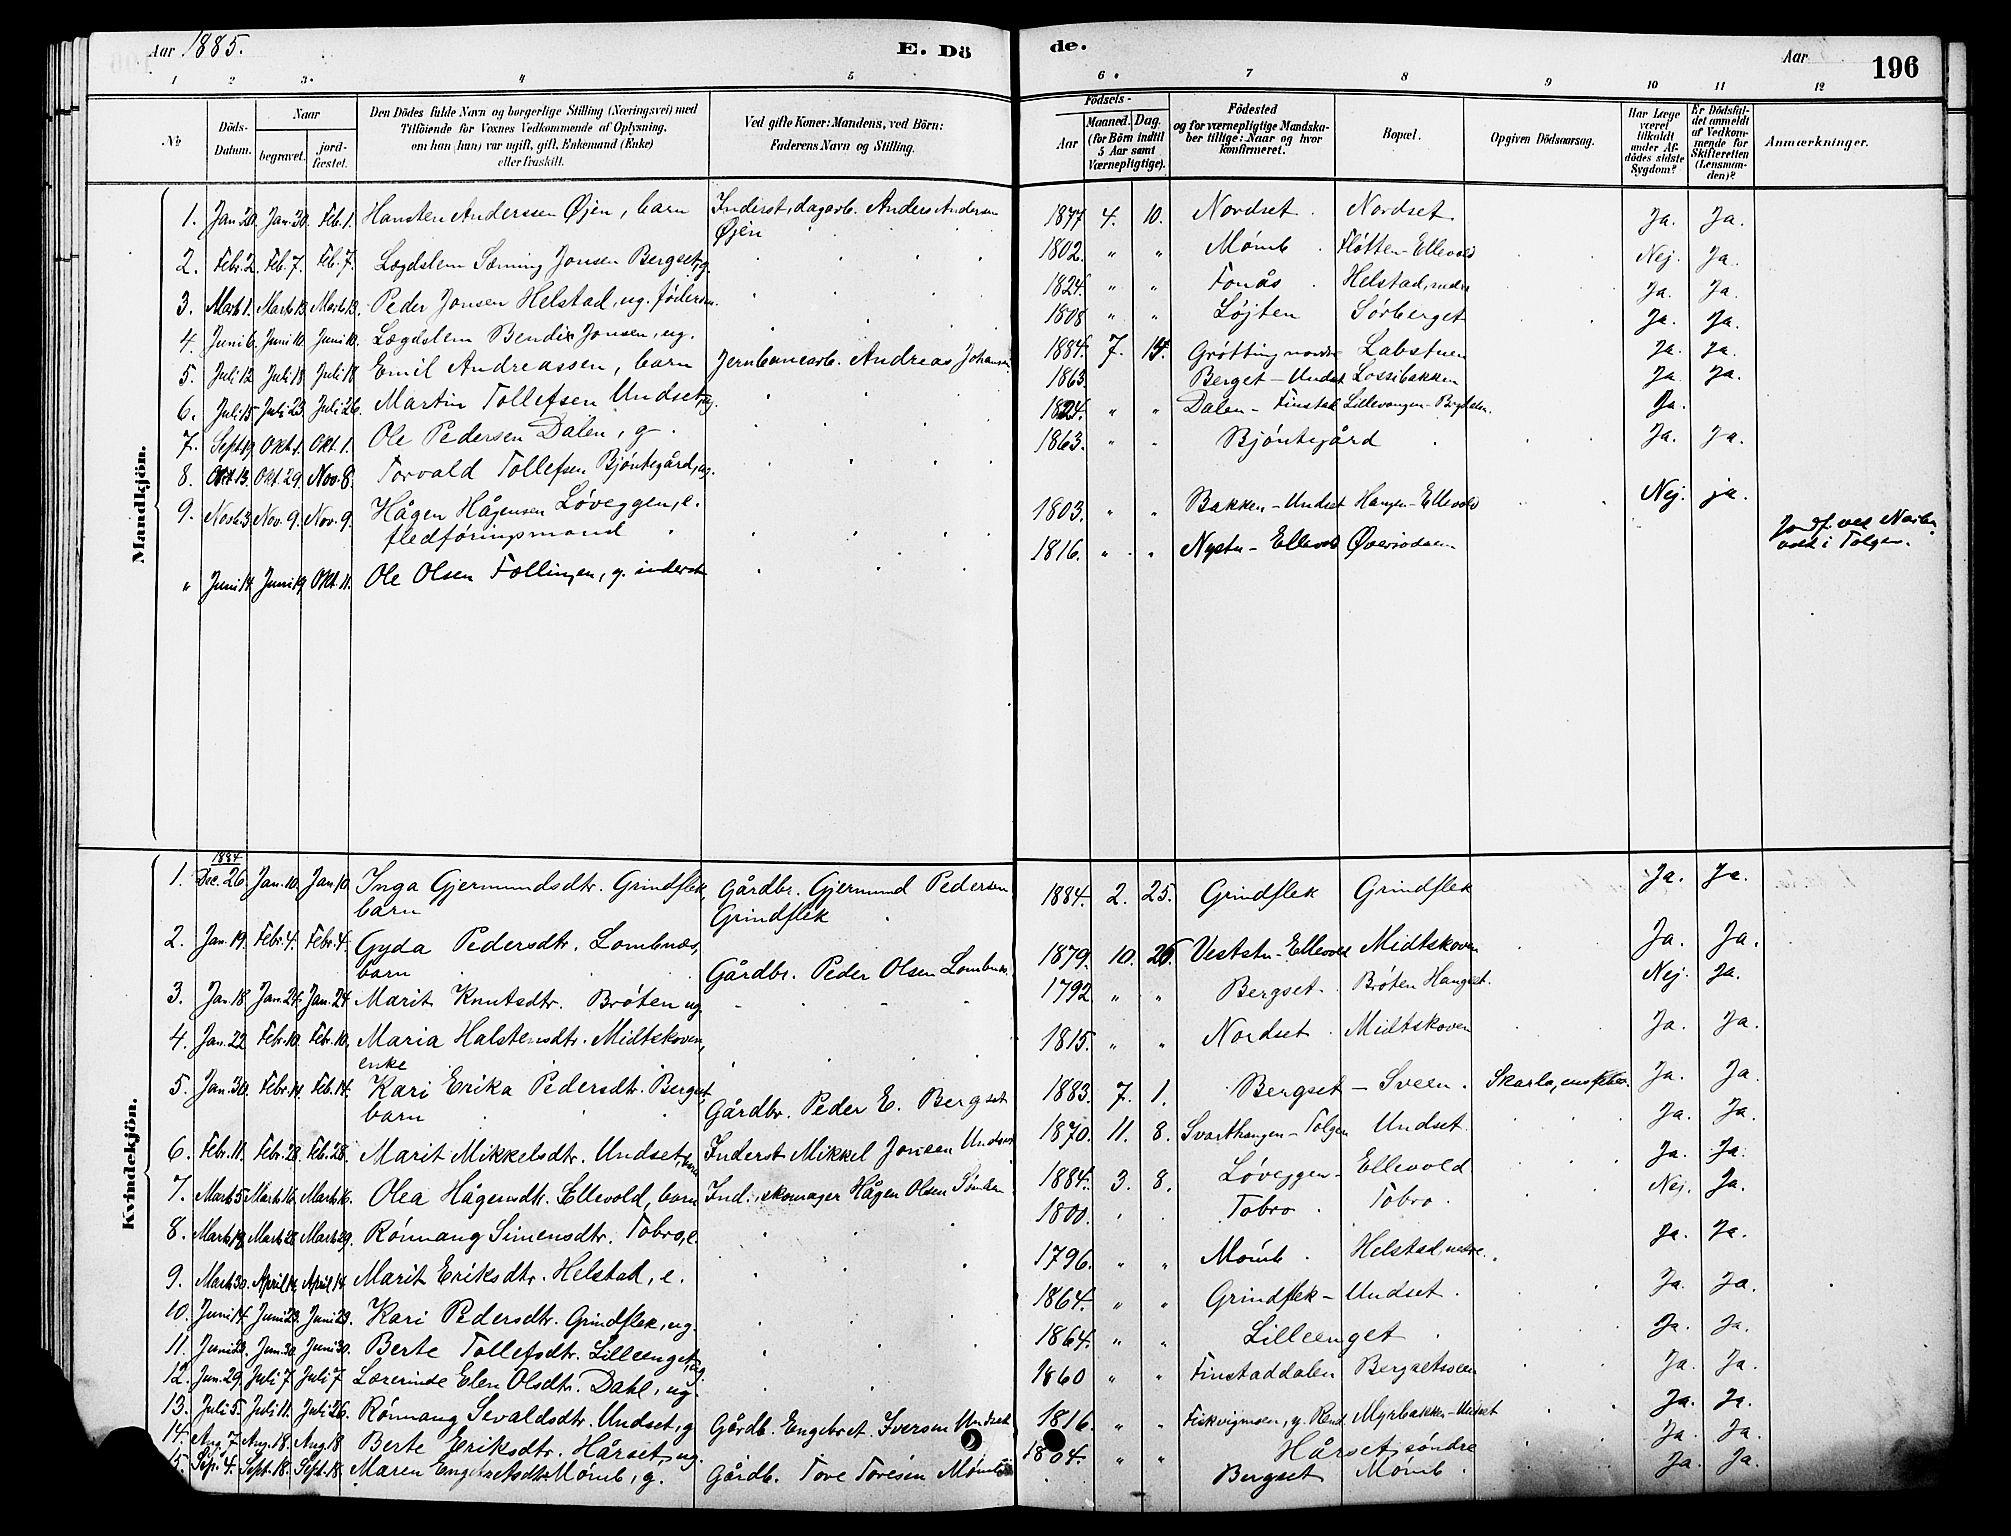 SAH, Rendalen prestekontor, H/Ha/Hab/L0003: Klokkerbok nr. 3, 1879-1904, s. 196